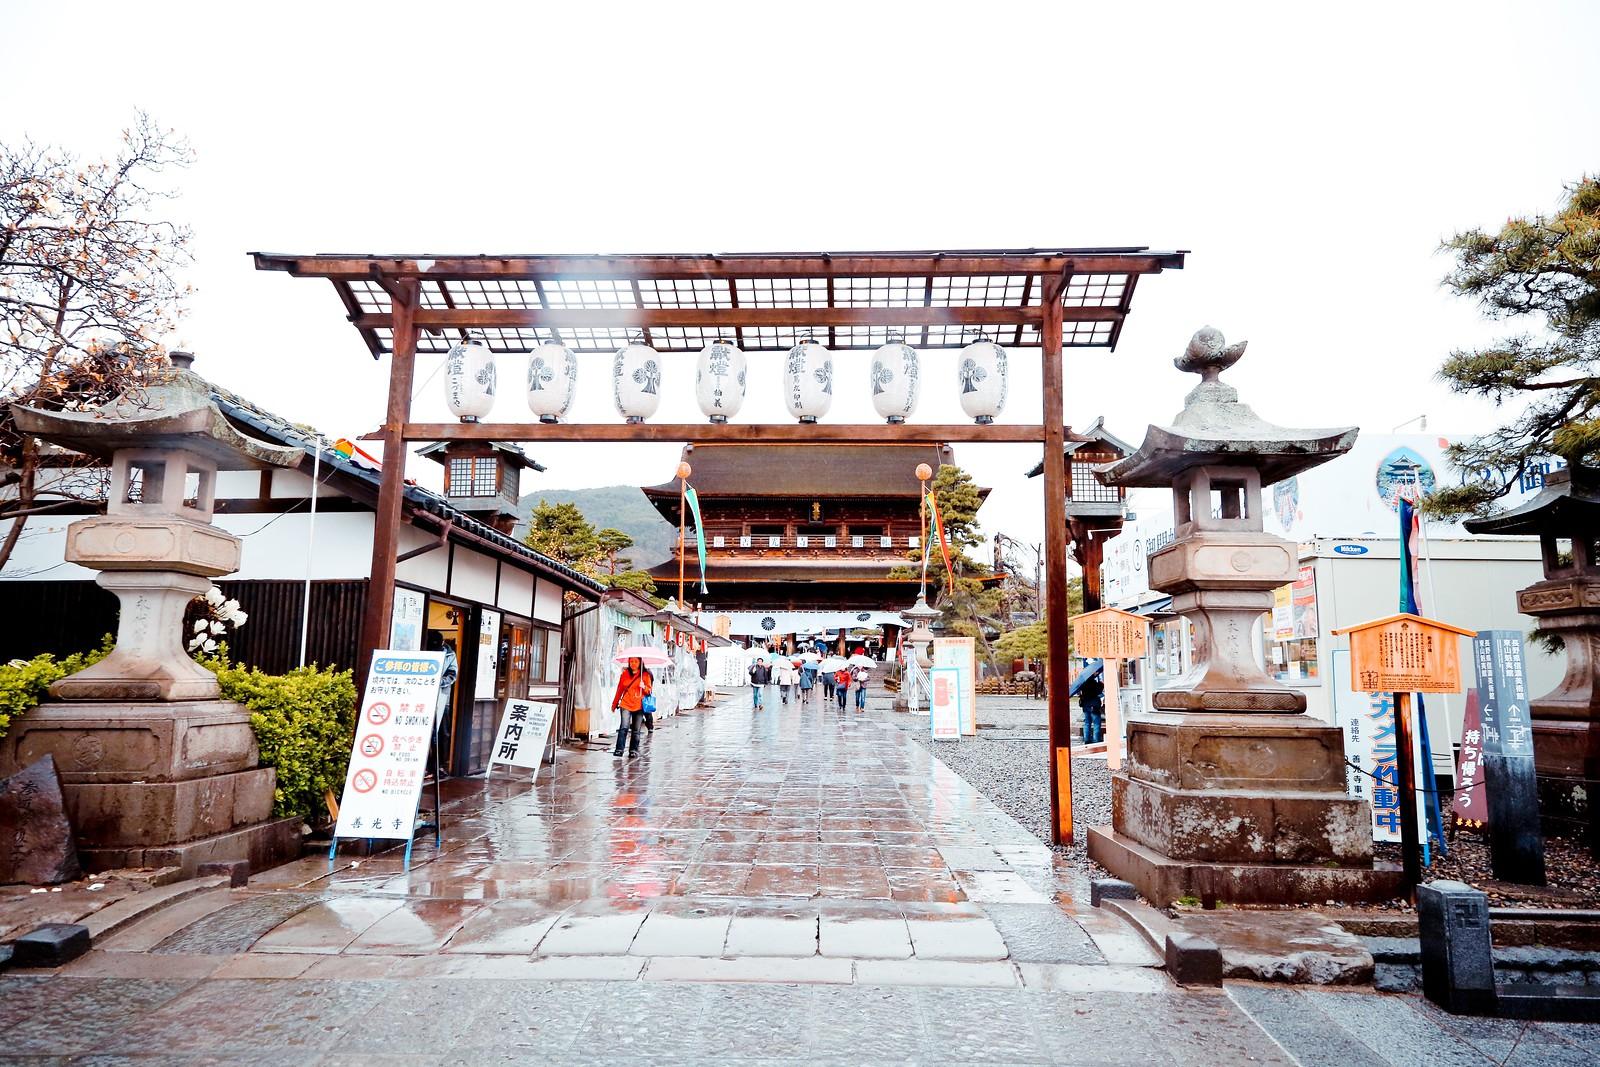 長野 善光寺 Nagano Zenkō-ji